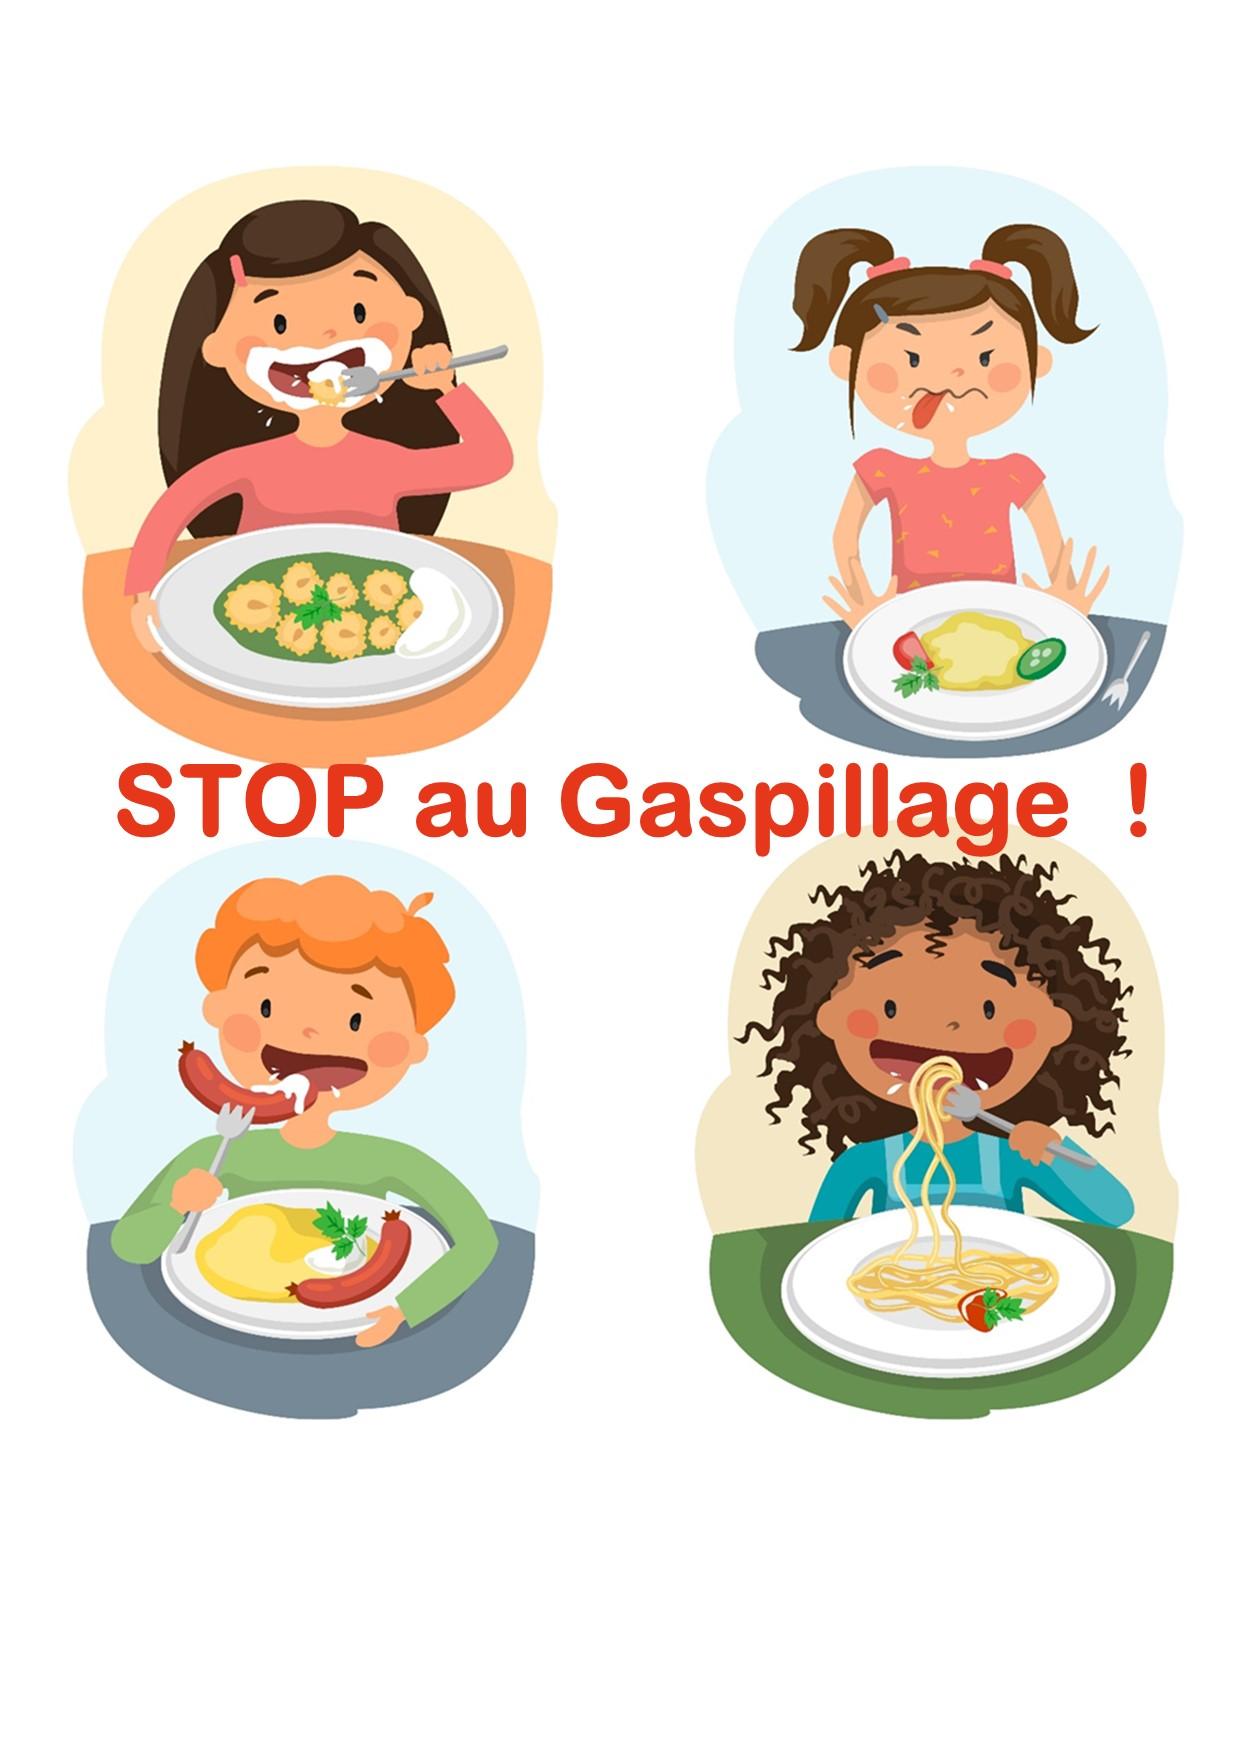 http://www.guillaud-traiteur.com/wp-content/uploads/2012/04/4c-image11.jpg